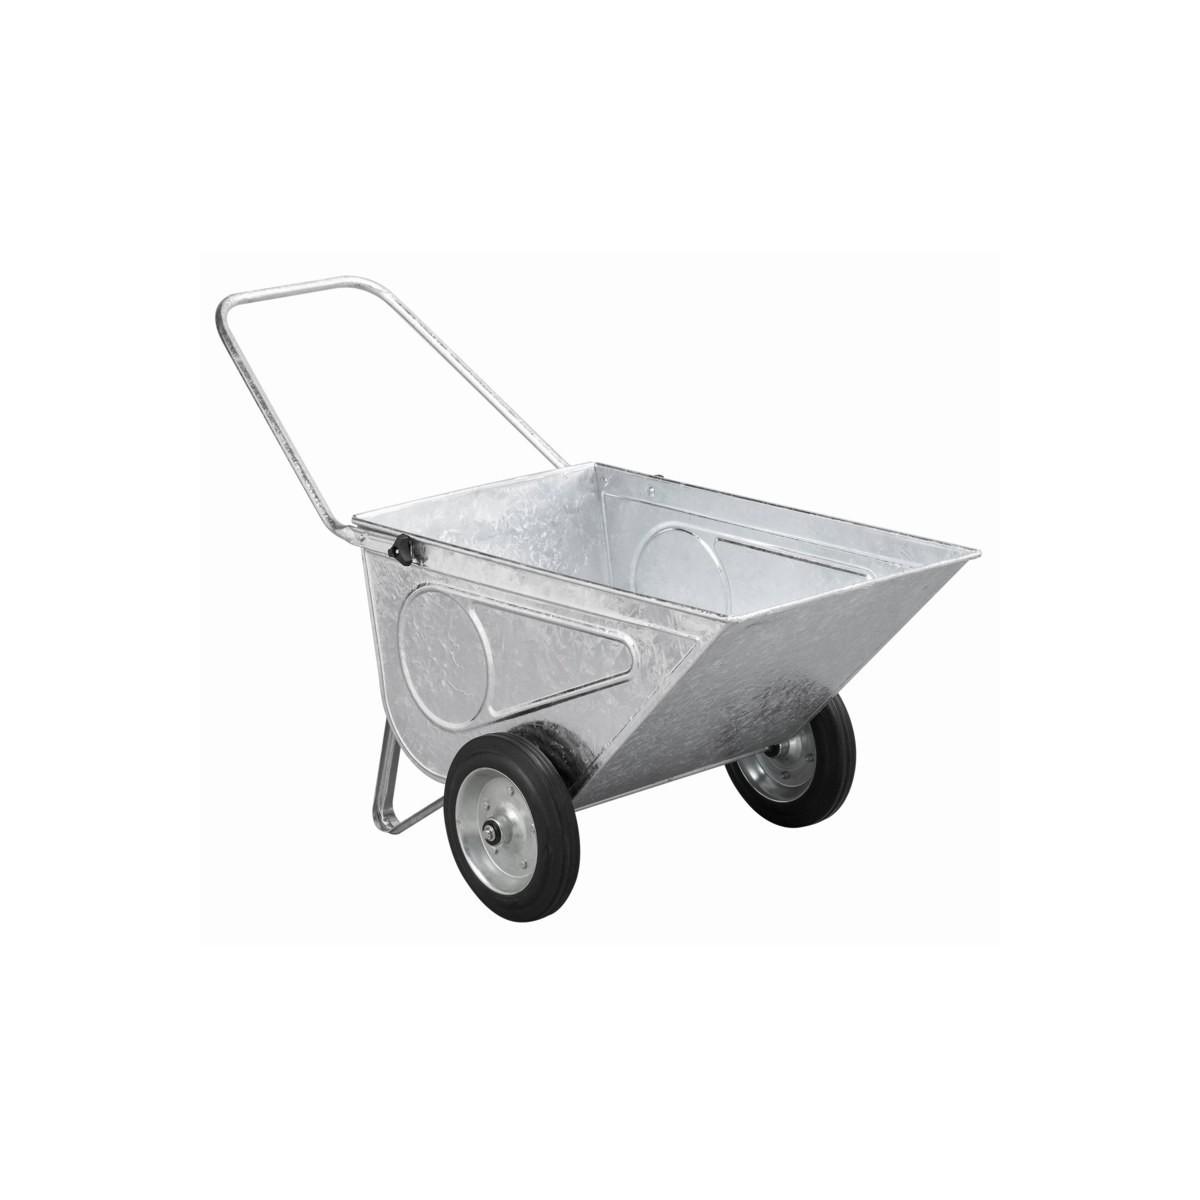 Chariot de jardin acier galva achat vente charriot de for Chariot de jardin 2 roues